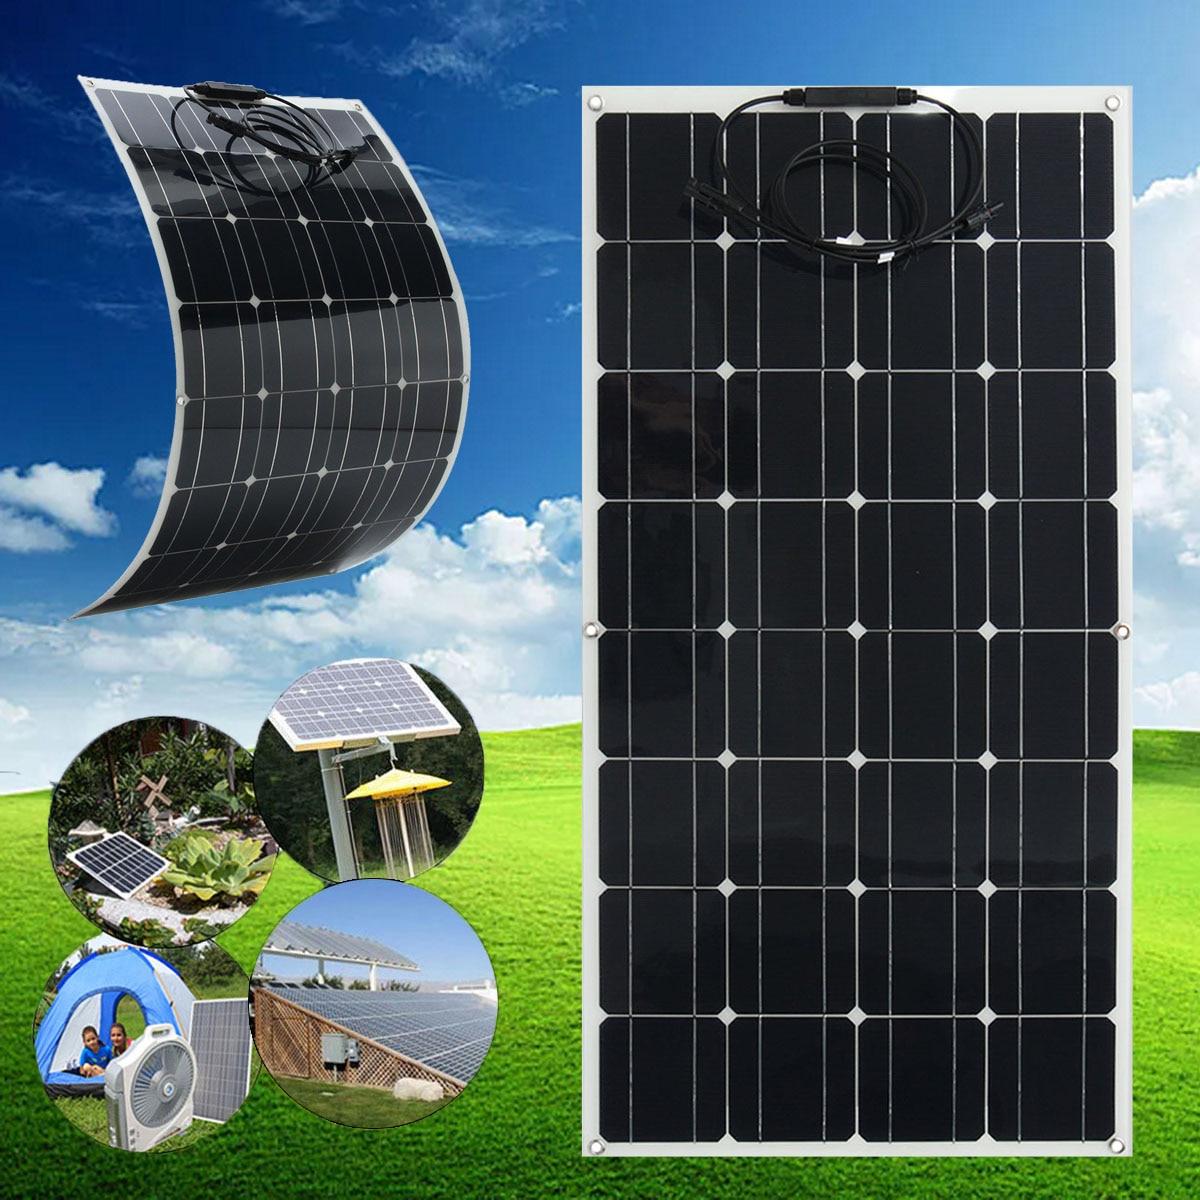 Flexible Solar Panel Plate 12V 100W Solar Charger For Car Battery 12V Phone Battery Monocrystalline Cells 18V 100w 18v flexible monocrystalline silicon solar panel pv quality power 12v battery